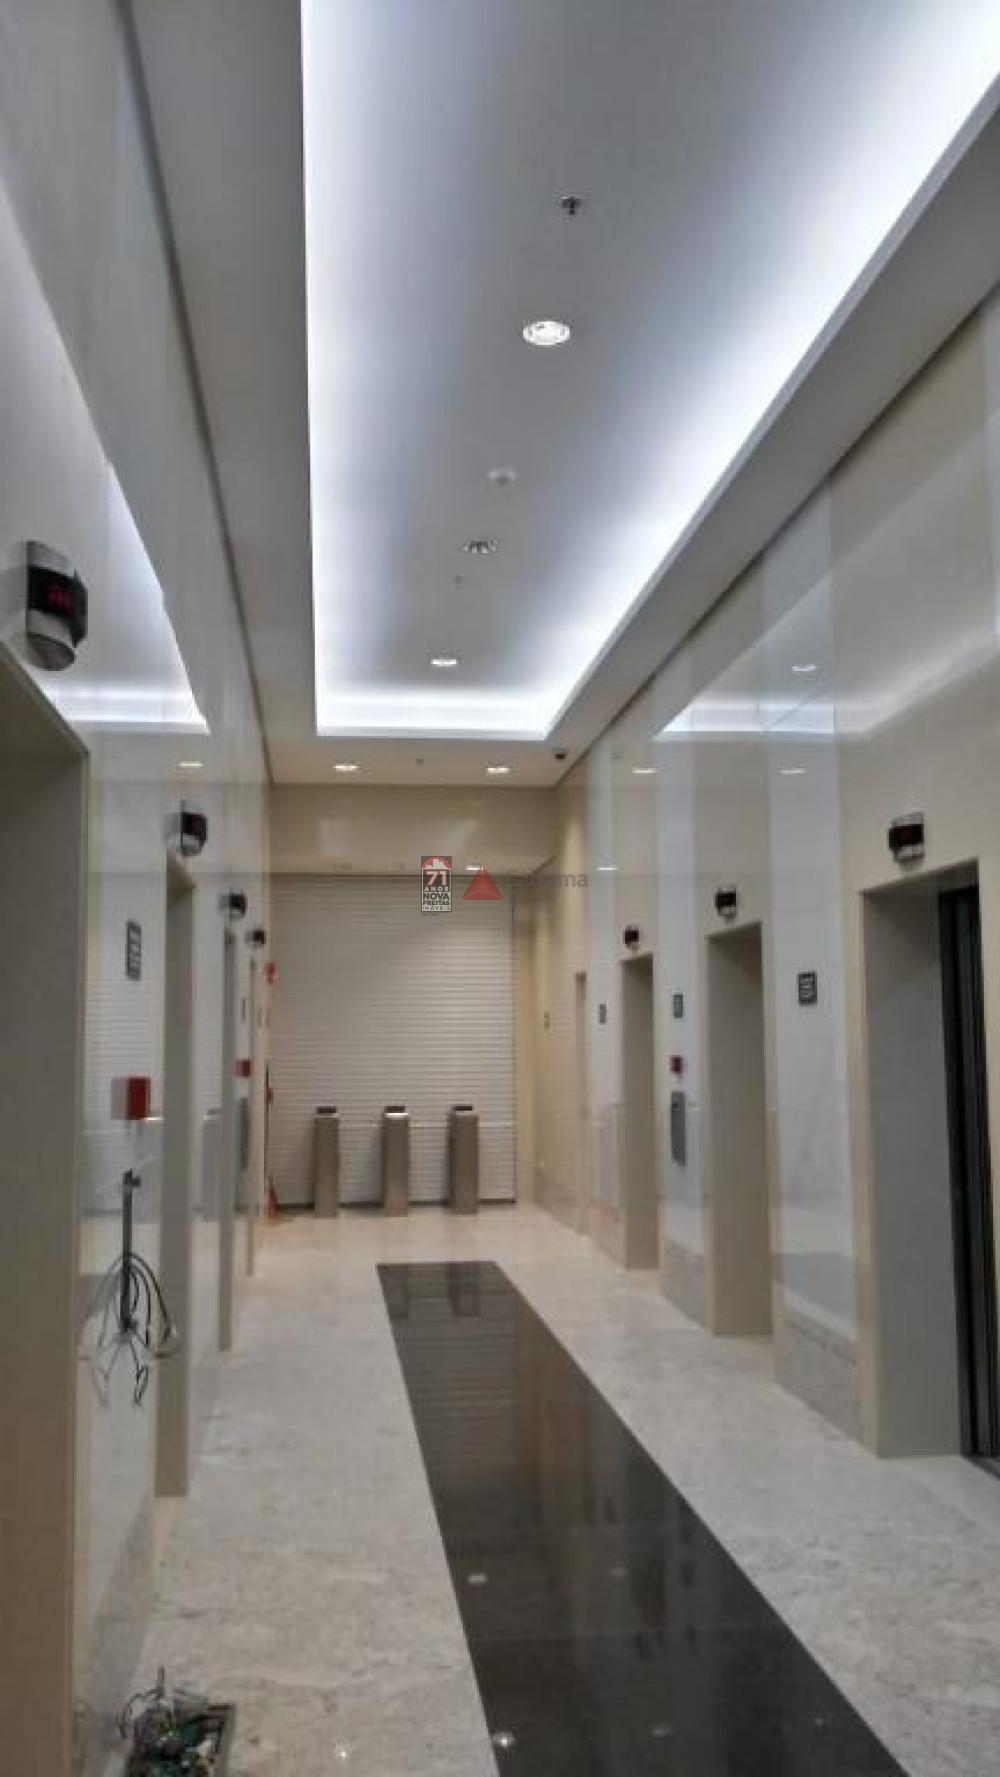 Alugar Comercial / Sala em São José dos Campos apenas R$ 3.924,80 - Foto 6